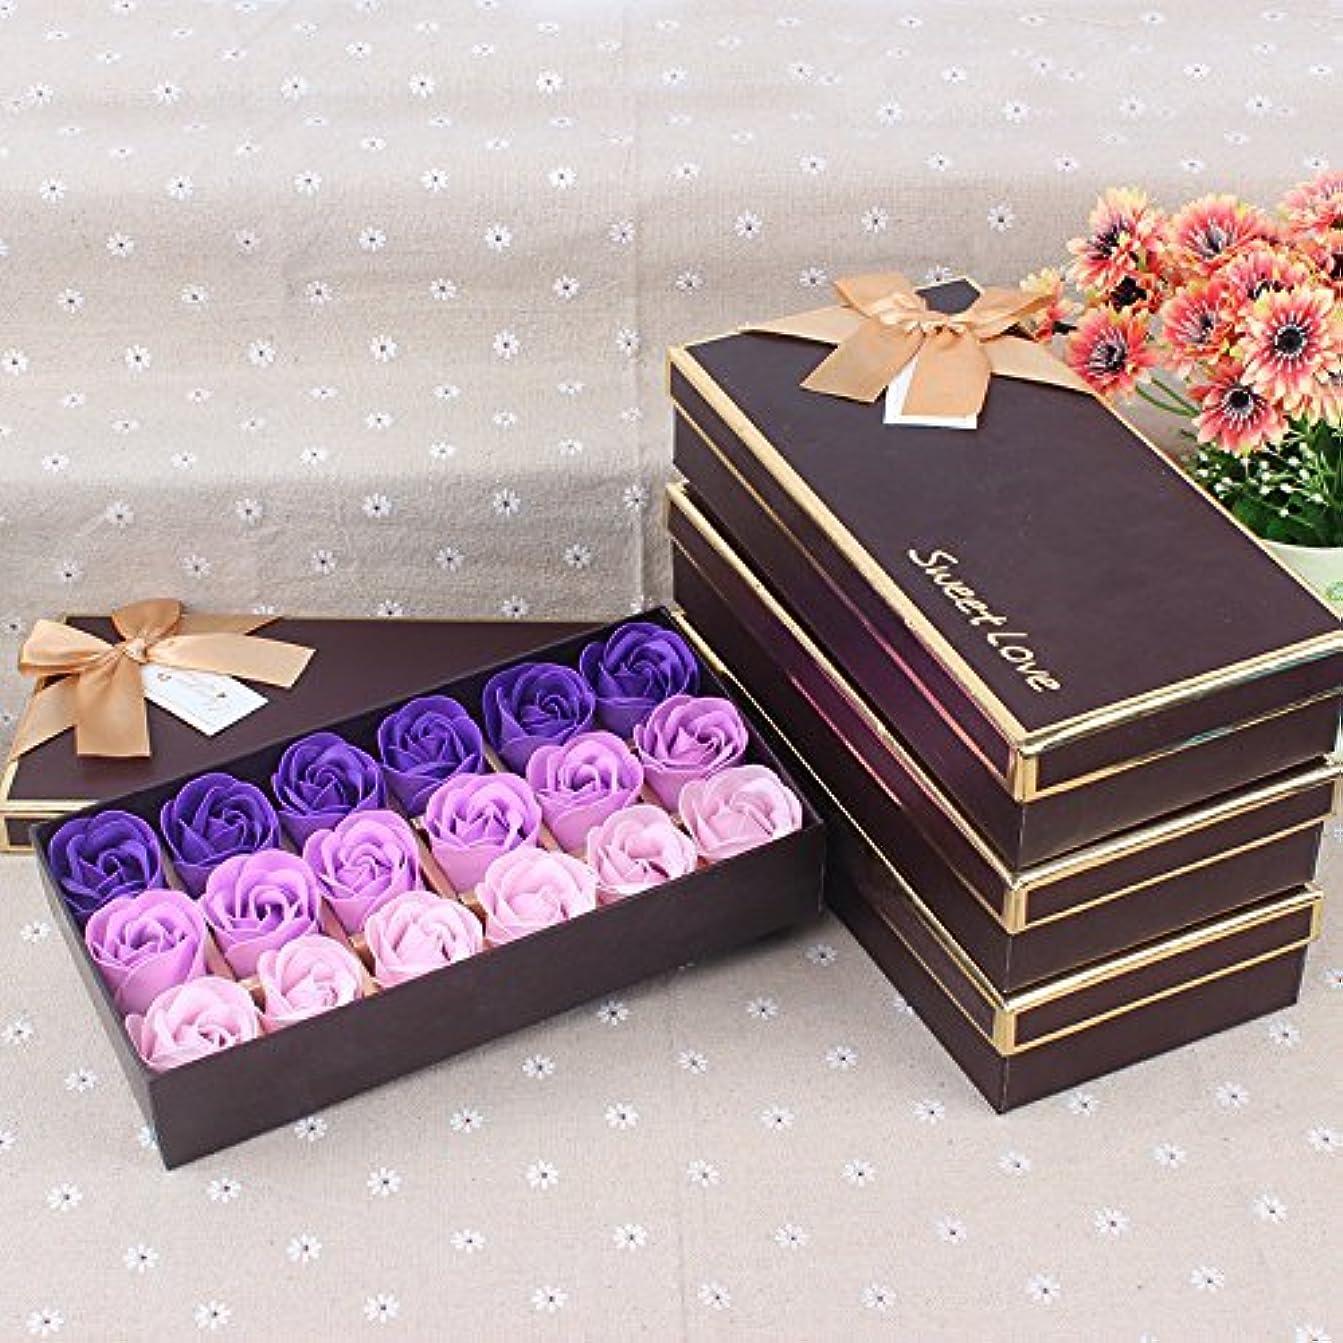 メタリックアライアンスグリップWeryn(TM)結婚式のためのギフトボックスバレンタインデーの愛の贈り物で18バラセット香りの入浴ソープローズソープ花びら[Purplegradient]